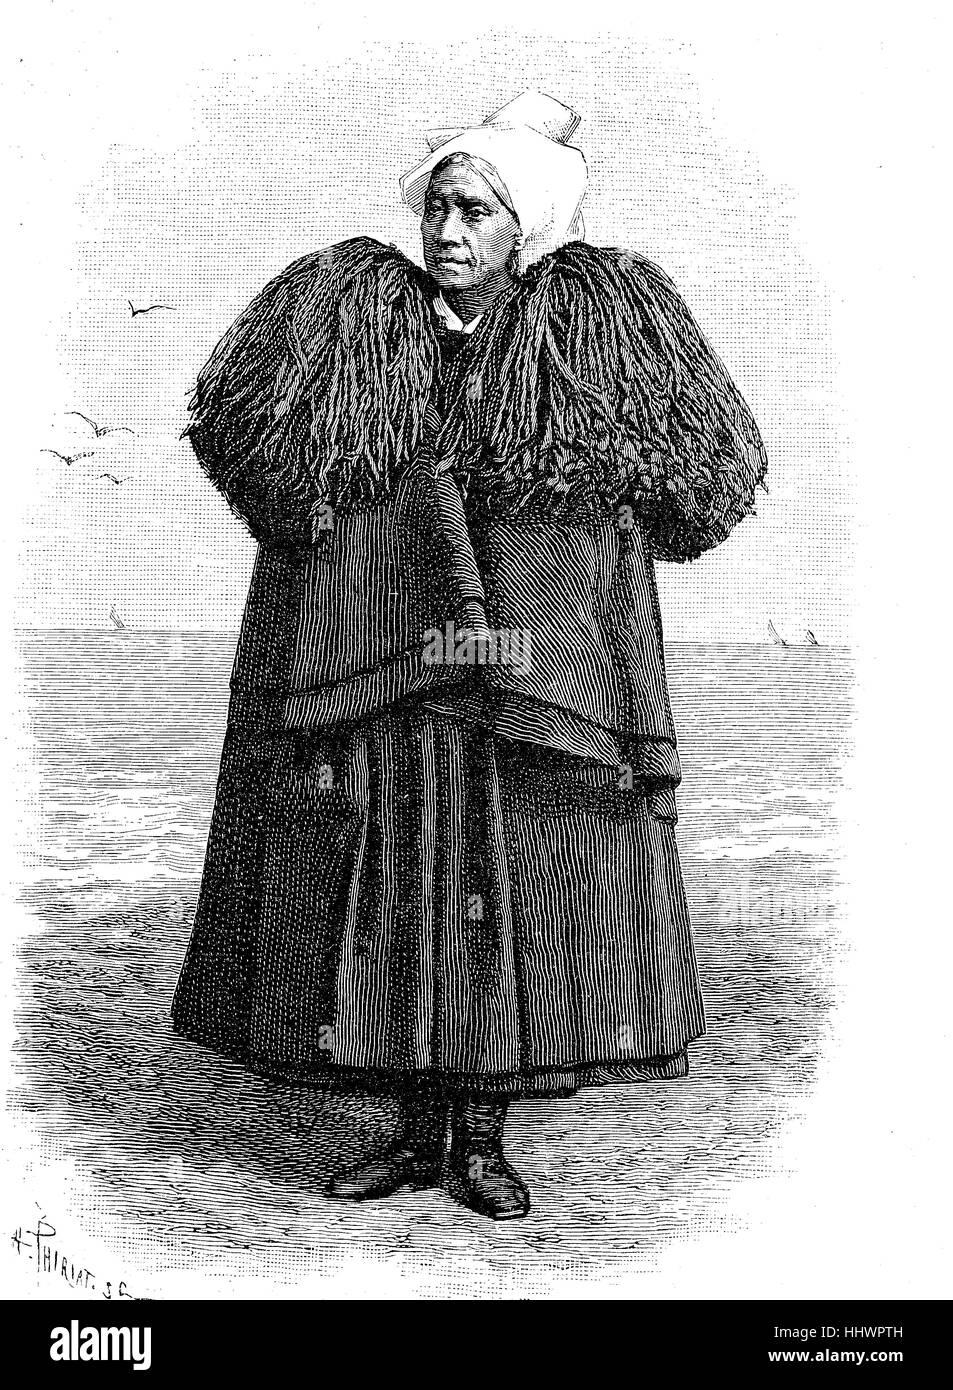 Folklore francese, il lutto di un fisherwoman dalla zona di Sables-d'Olonne, immagine storica o illustrazione, Immagini Stock